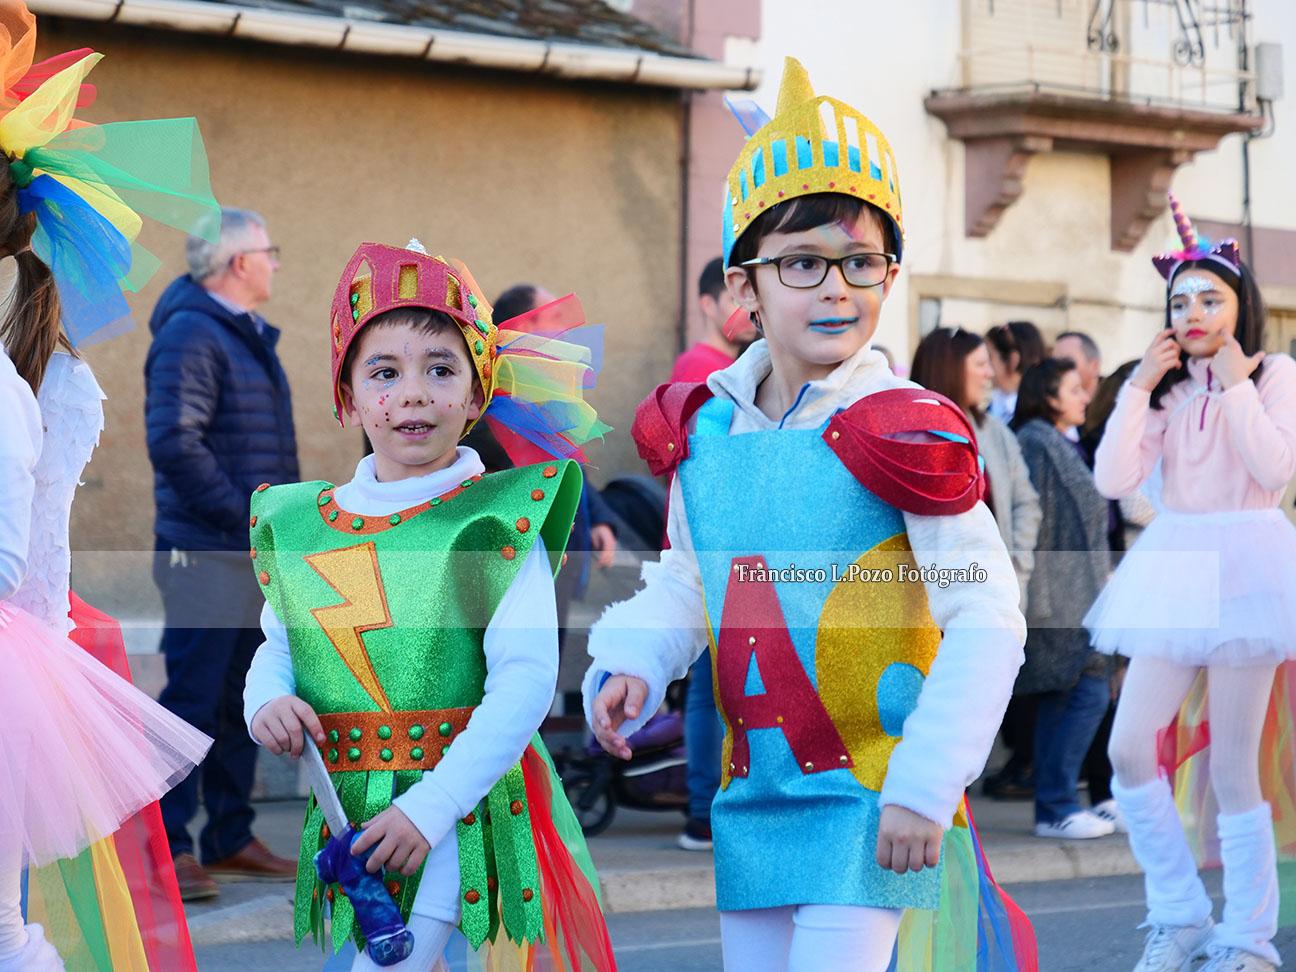 Carnaval 2020: Camponaraya sale a la calle a ritmo de comparsa 62